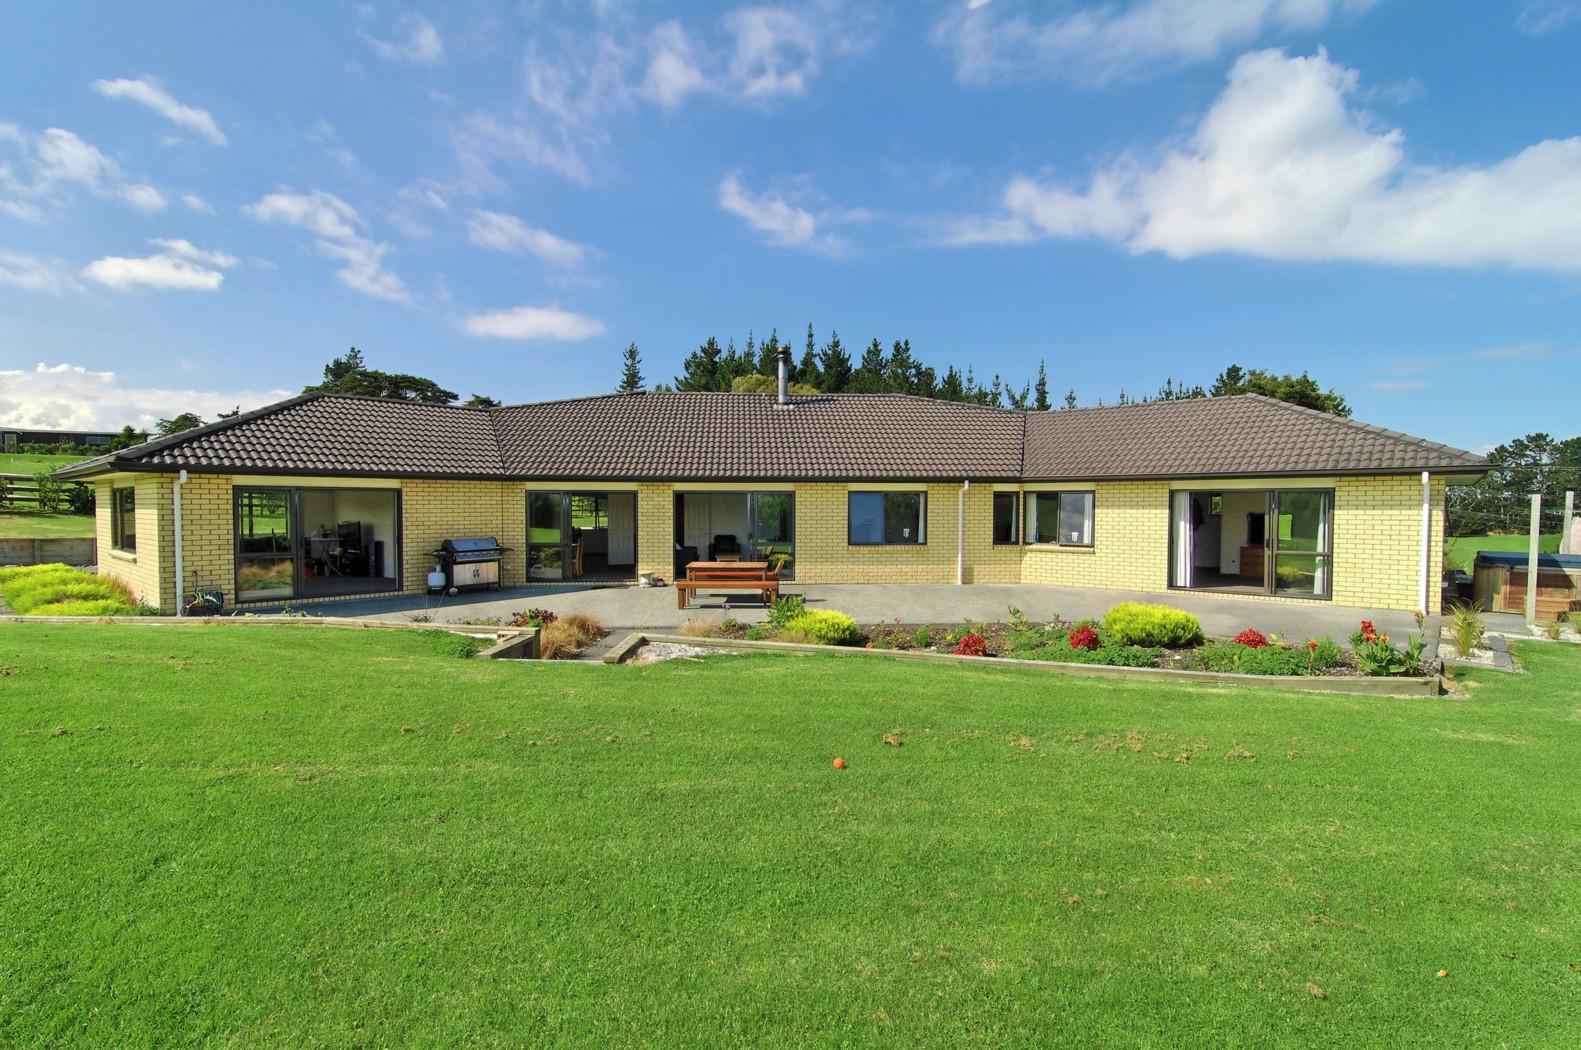 104 oraha road kumeu rodney 0810 sold house ray white kumeu